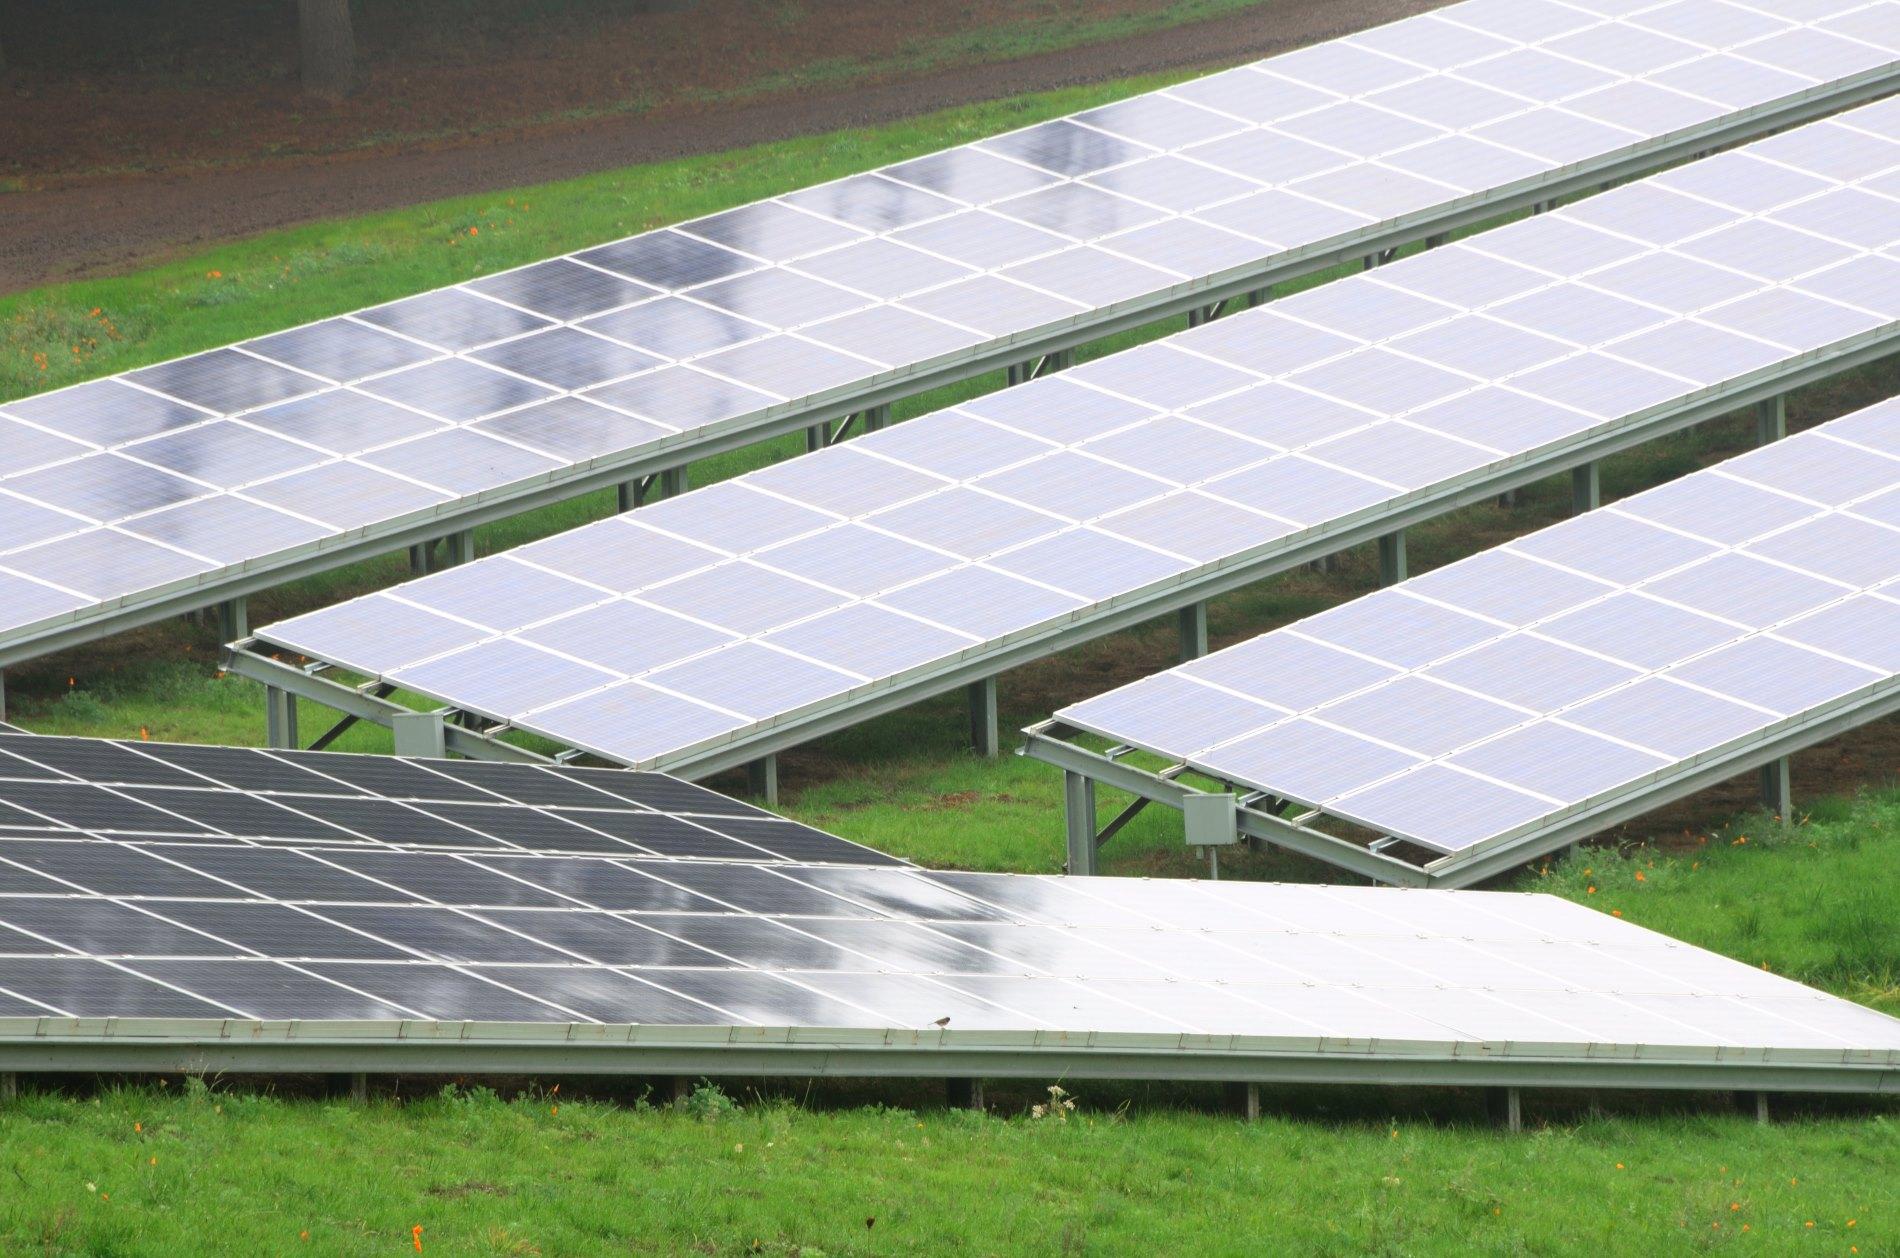 Solar array in the Willamette Valley near Portland Oregon